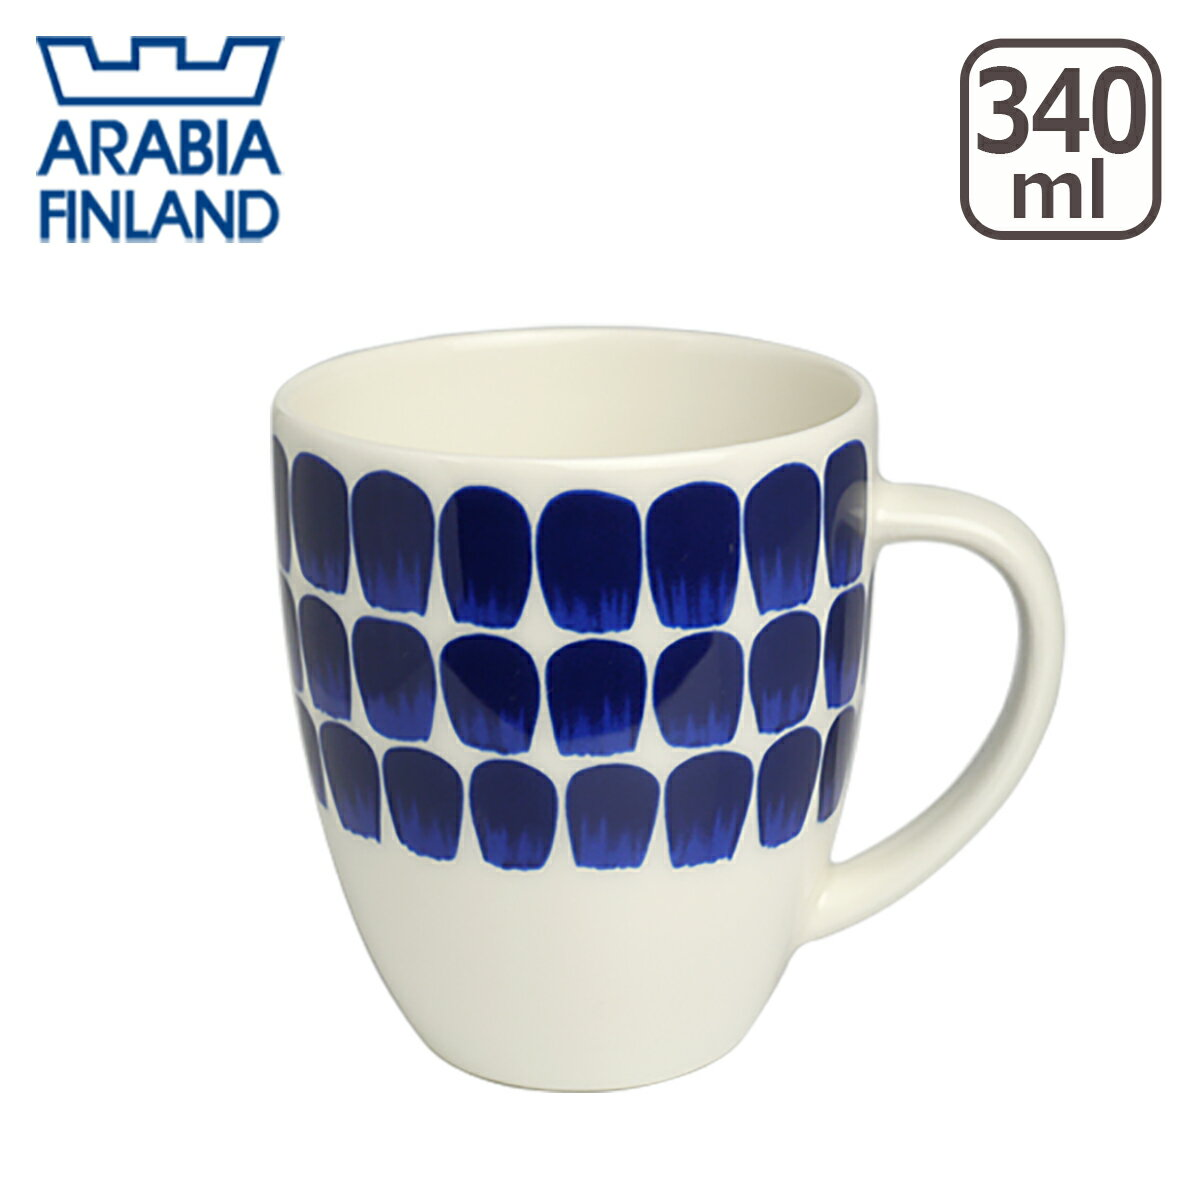 【3%offクーポン】アラビア(Arabia) 24h トゥオキオ (TUOKIO) マグ 340ml コバルトブルー マグカップ 北欧 フィンランド 食器 ギフト・のし可 GF1